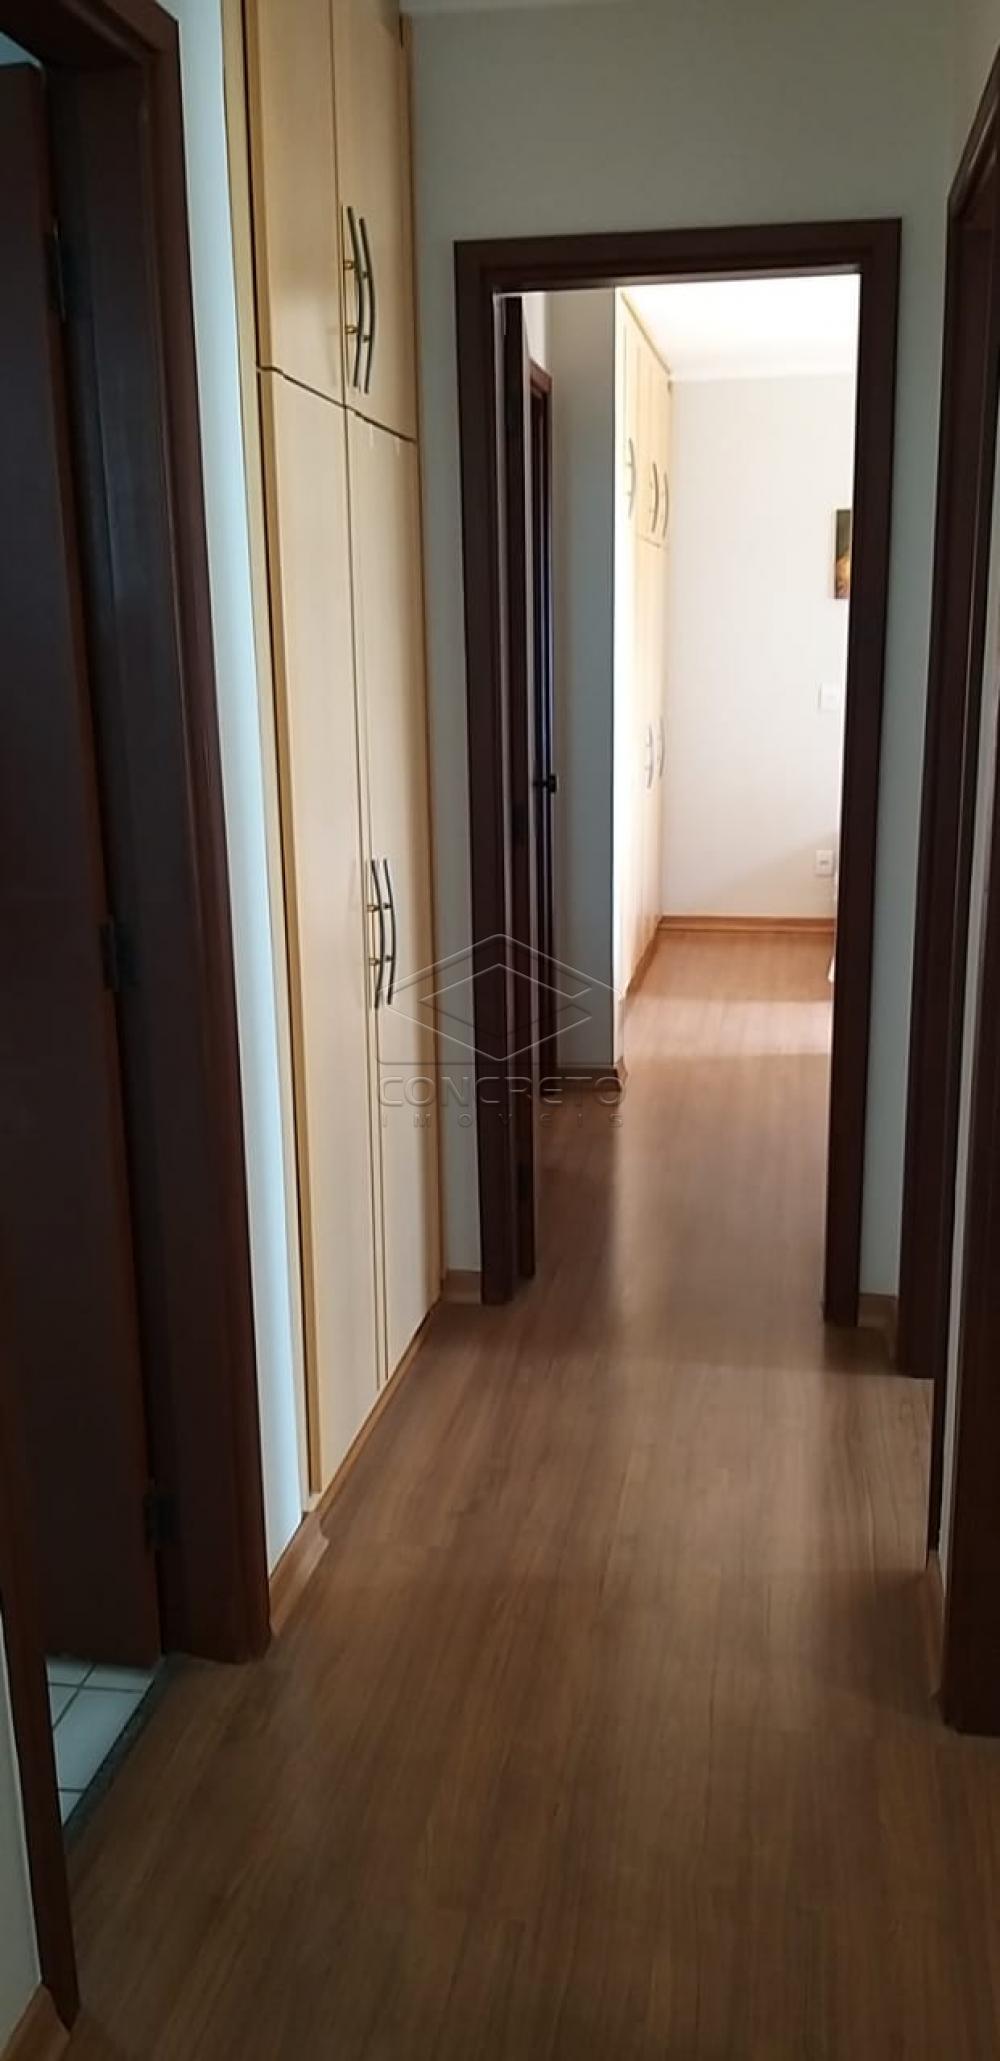 Comprar Apartamento / Padrão em Bauru R$ 399.000,00 - Foto 7